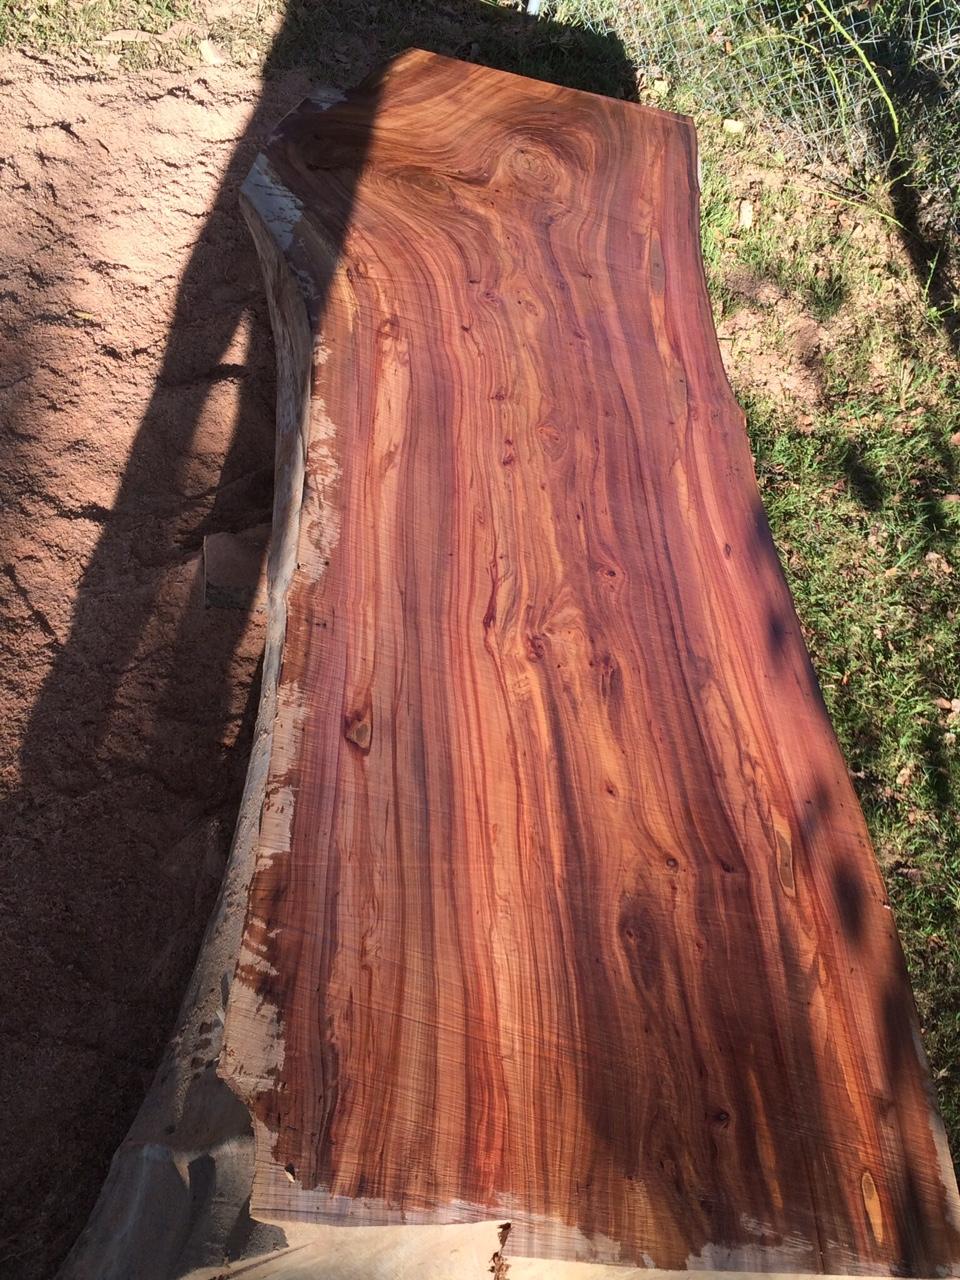 Live Edge Elm Wood Slab